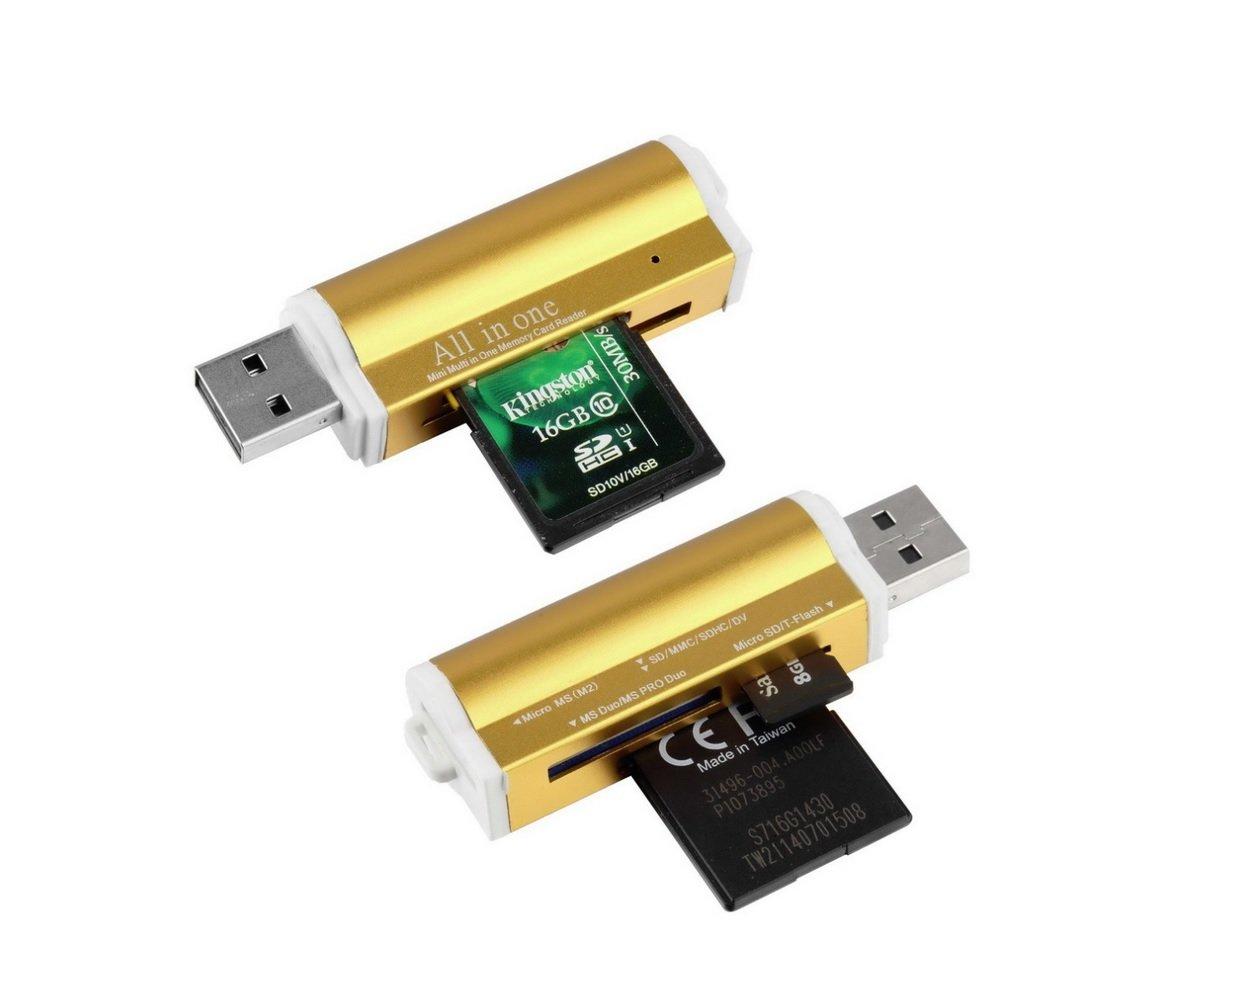 Lector USB 2.0 Multi tarjeta: Micro SD/TF M2 MMC SDHC MS Duo ...